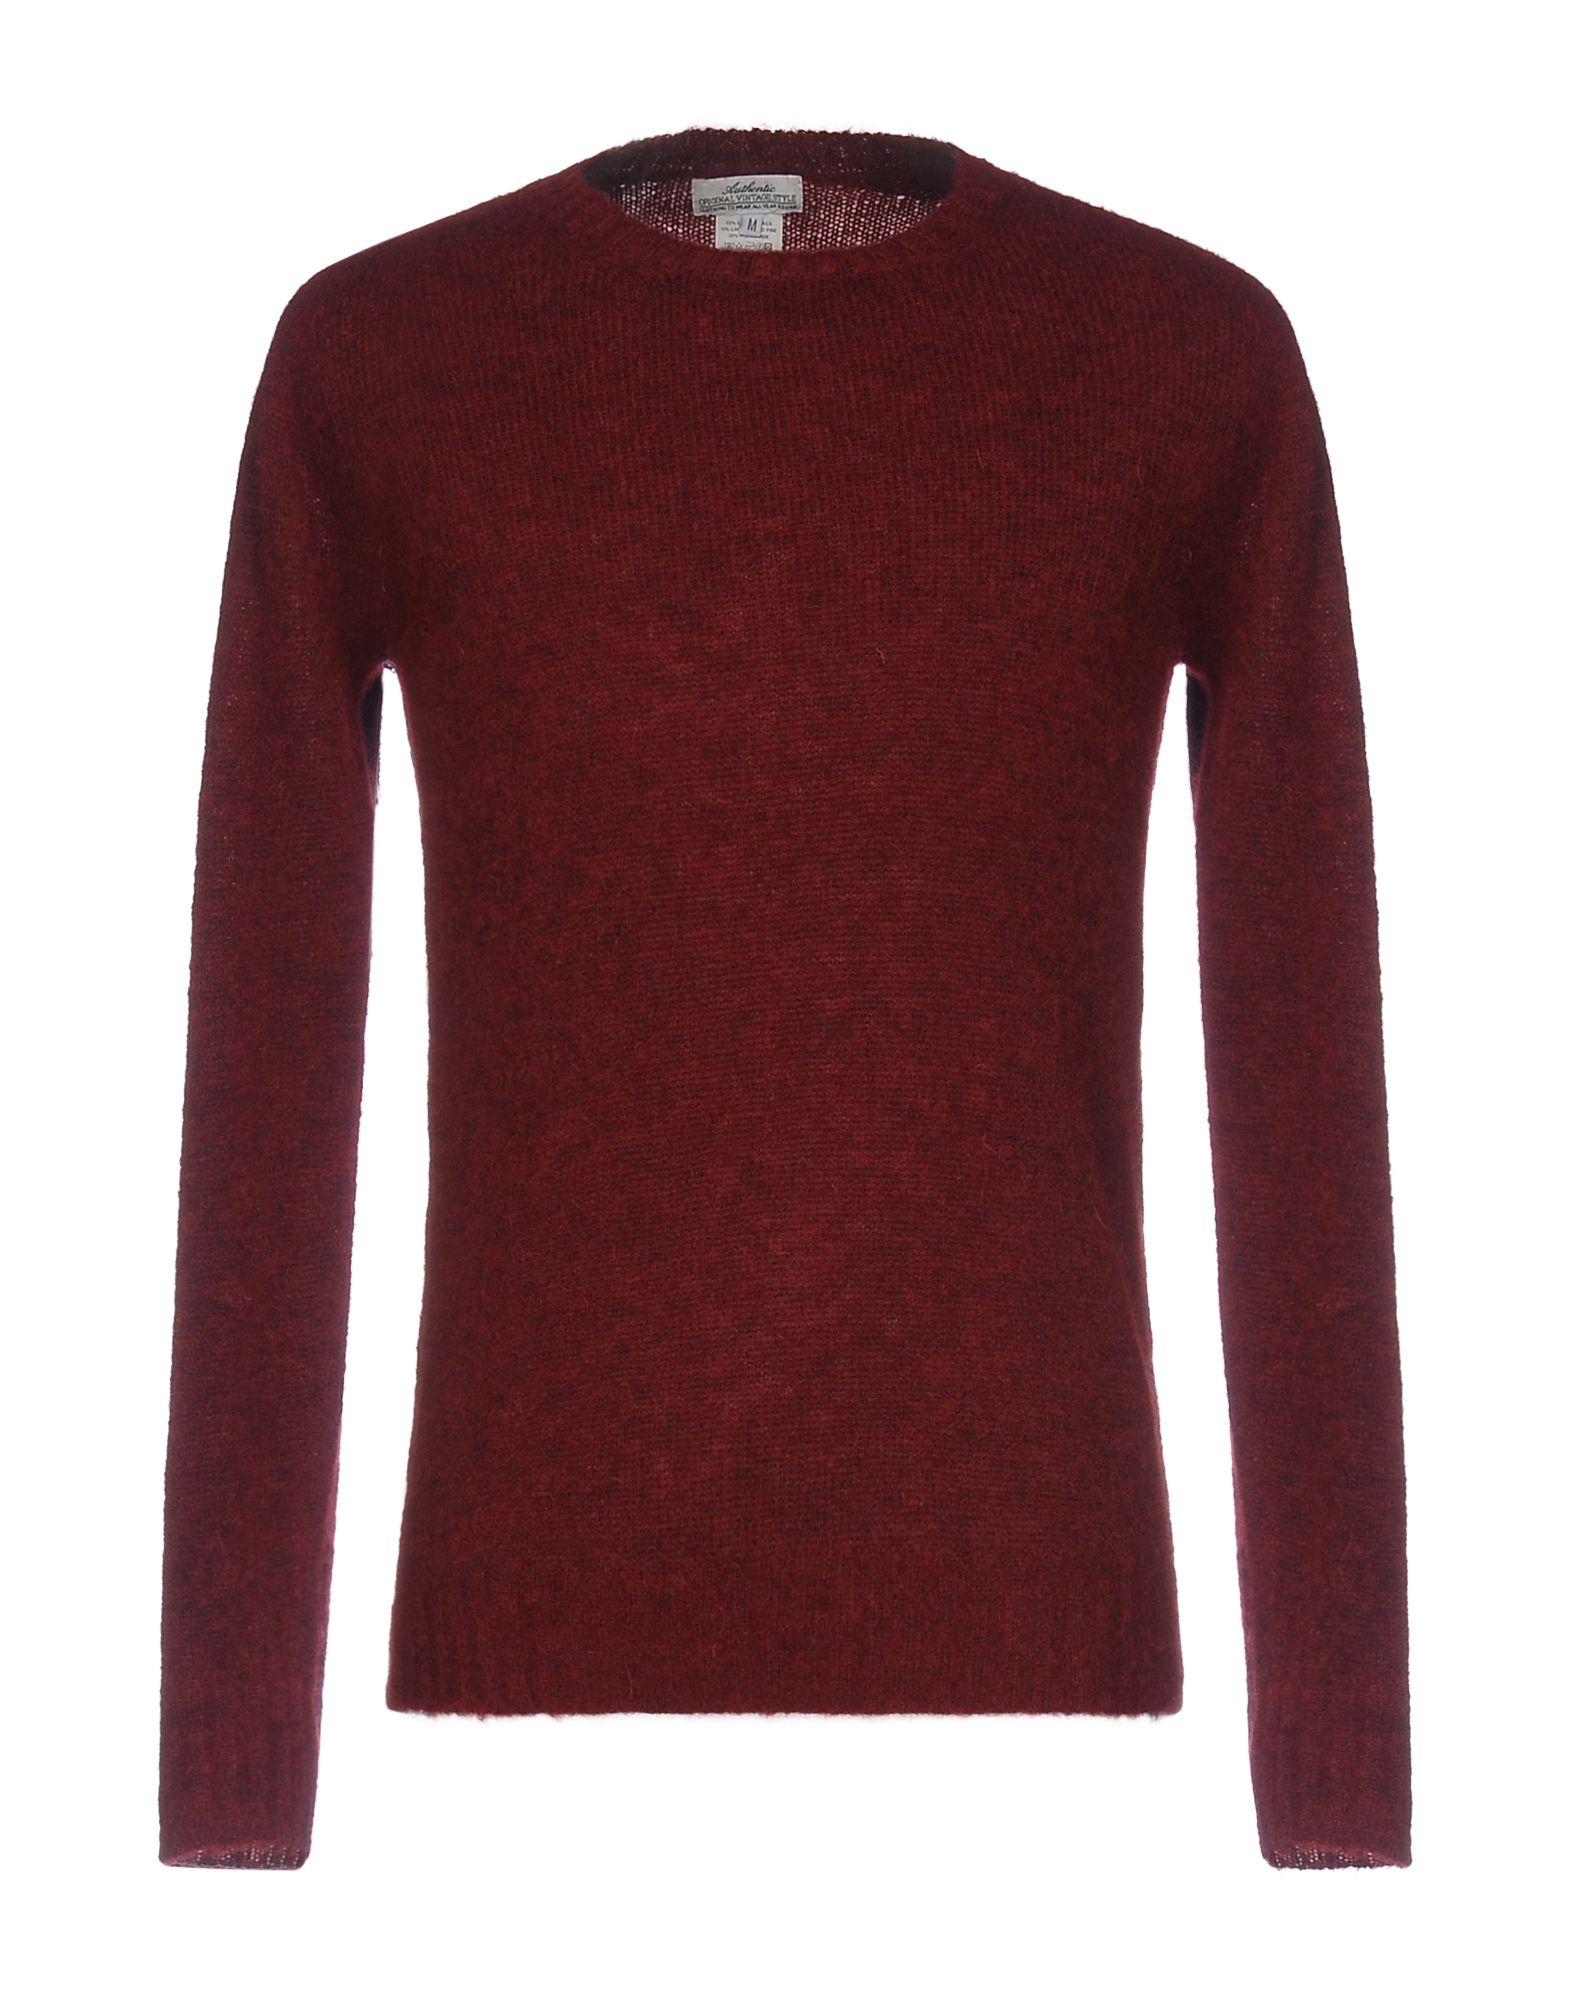 AUTHENTIC ORIGINAL VINTAGE STYLE Herren Pullover Farbe Bordeaux Größe 7 jetztbilligerkaufen